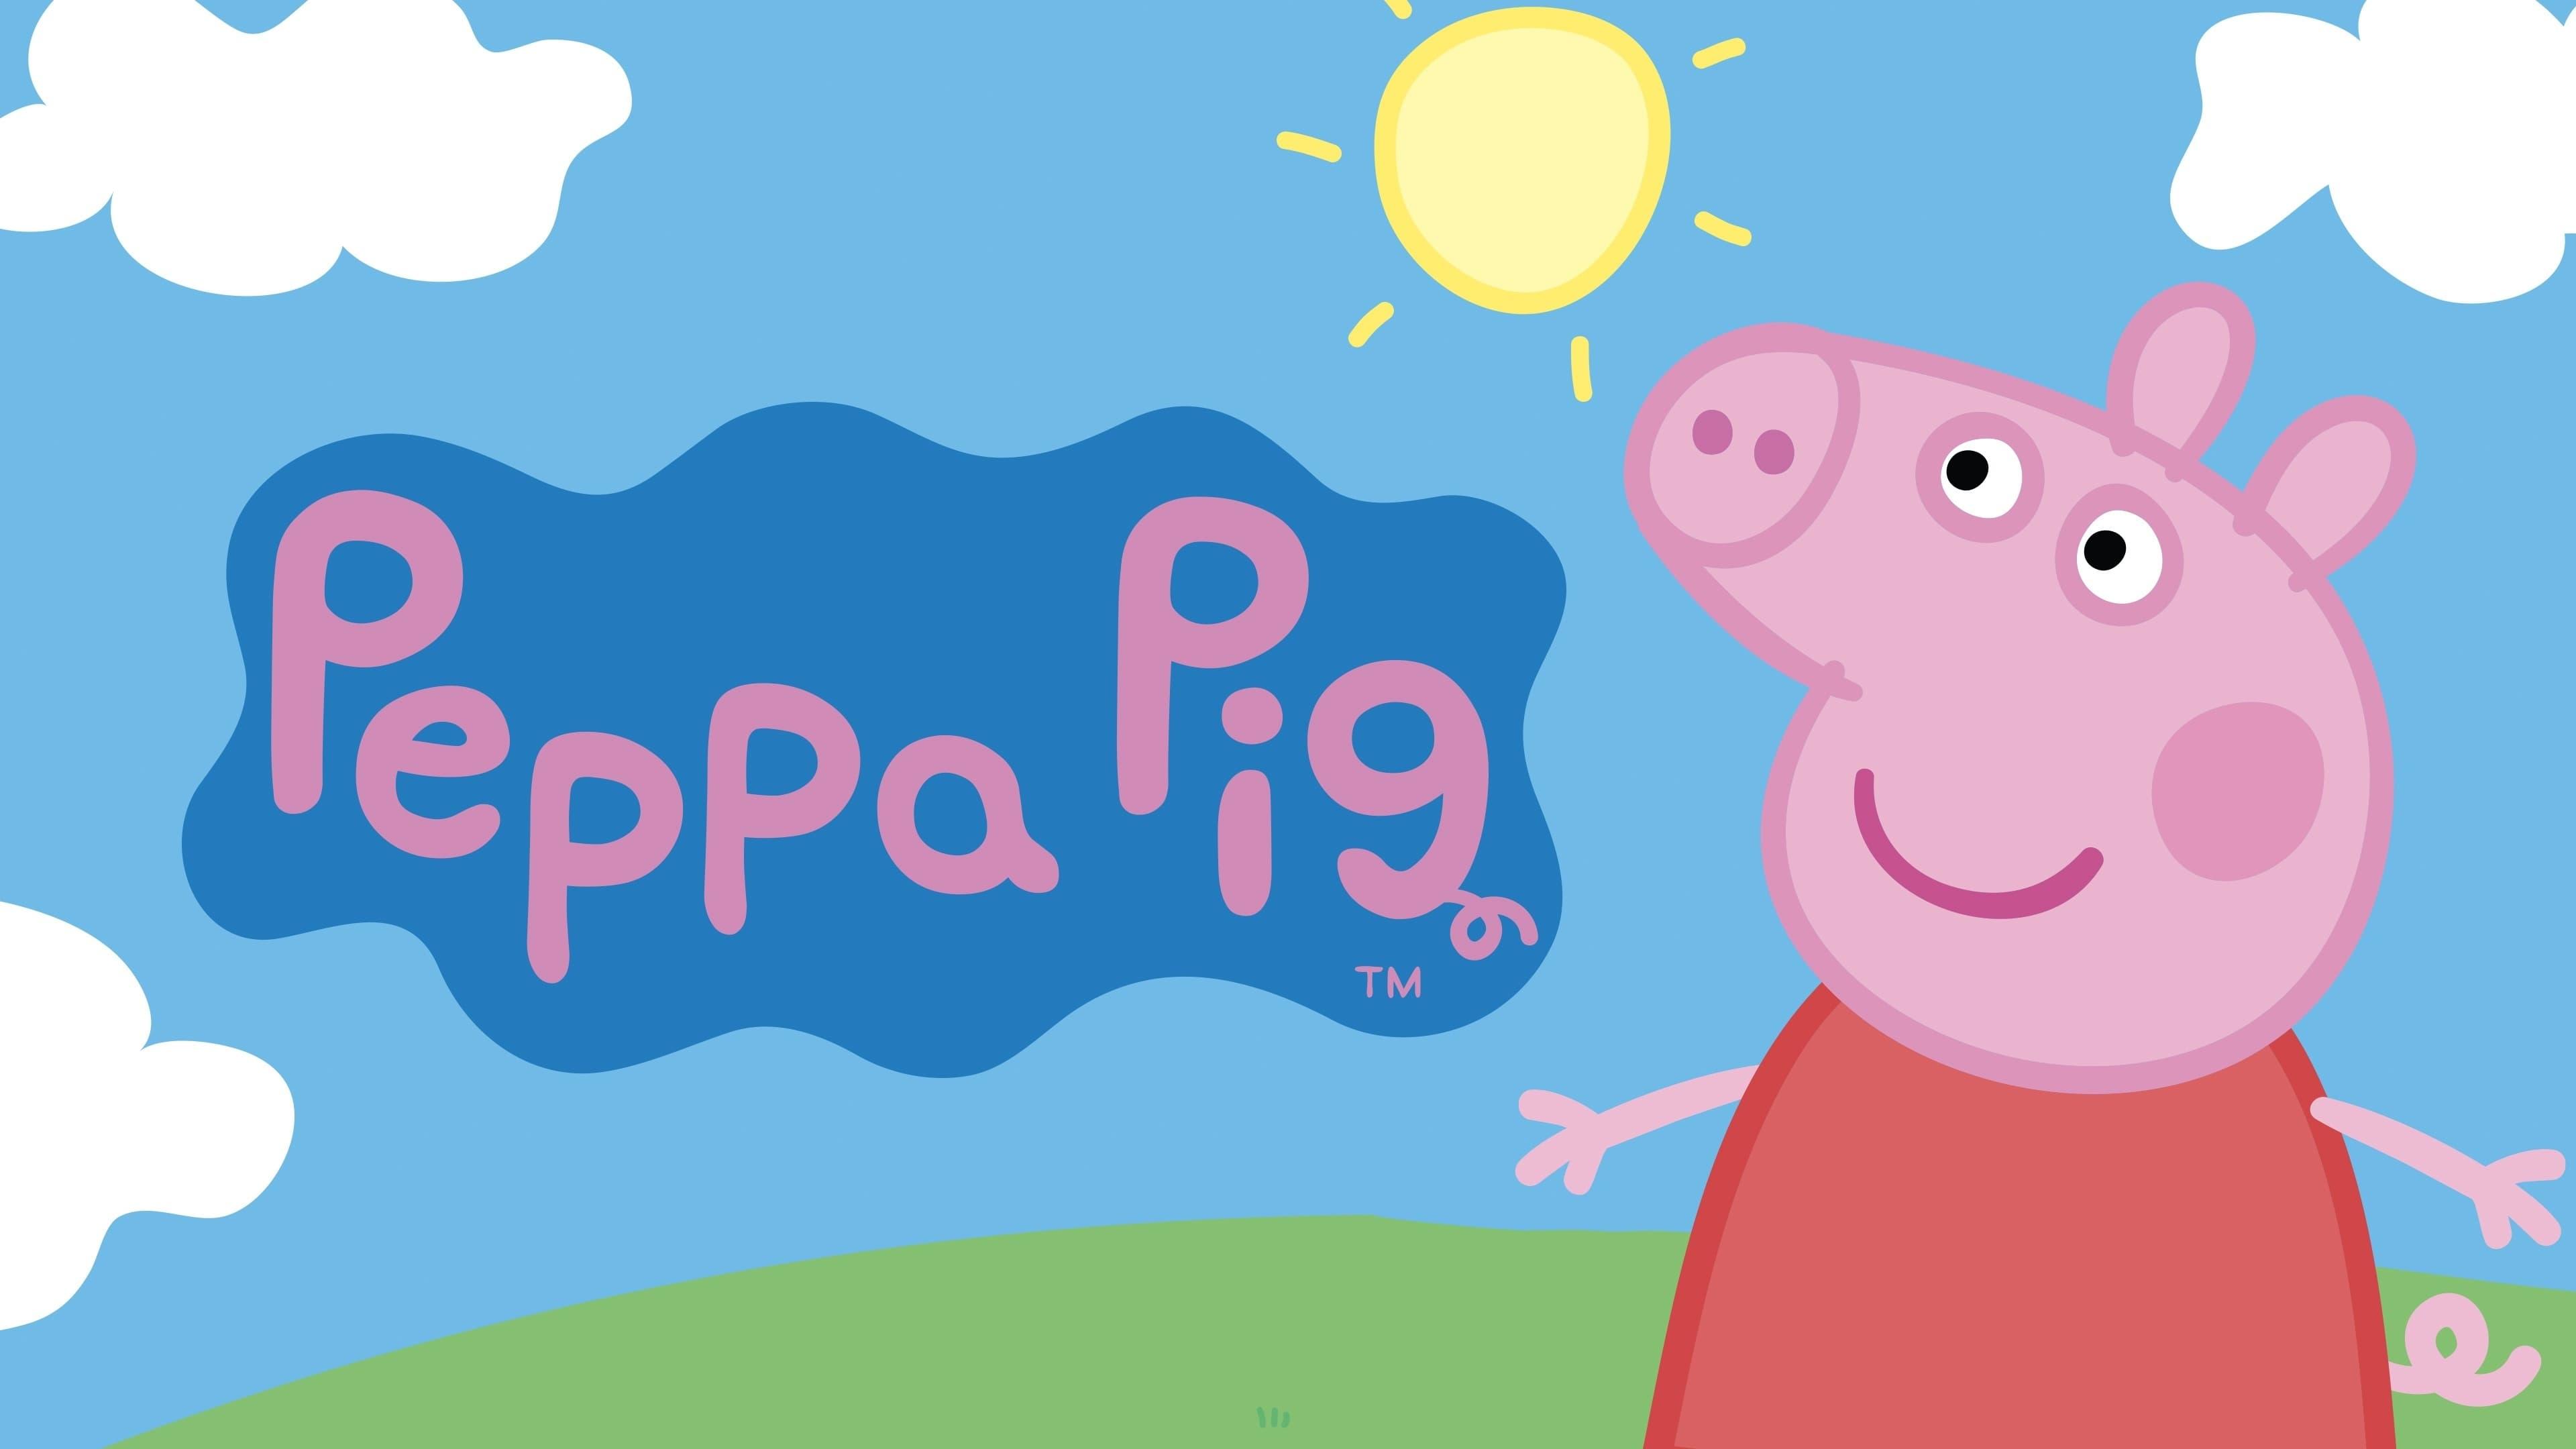 Peppa Pig - Season 3